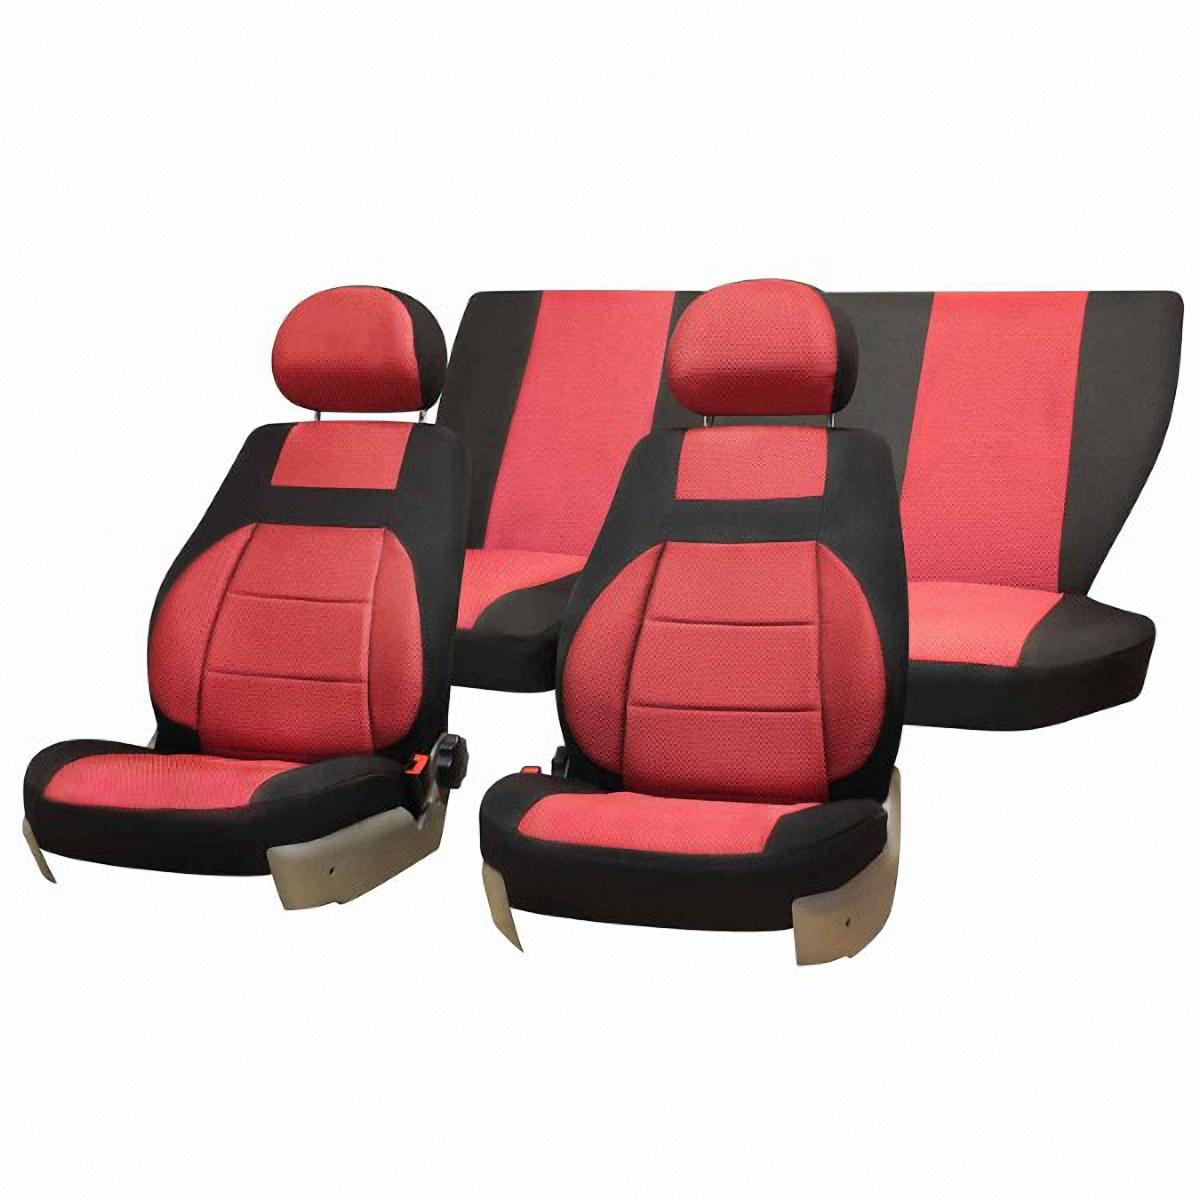 Чехлы автомобильные Skyway, для Lada Kalina 2004-2013, цвет: красный, черныйV003-D3Автомобильные чехлы Skyway изготовлены из качественного жаккарда. Чехлы идеально повторяют штатную форму сидений и выглядят как оригинальная обивка сидений. Разработаны индивидуально для каждой модели автомобиля. Авточехлы Skyway просты в уходе - загрязнения легко удаляются влажной тканью. Чехлы имеют раздельную схему надевания. В комплекте 12 предметов.